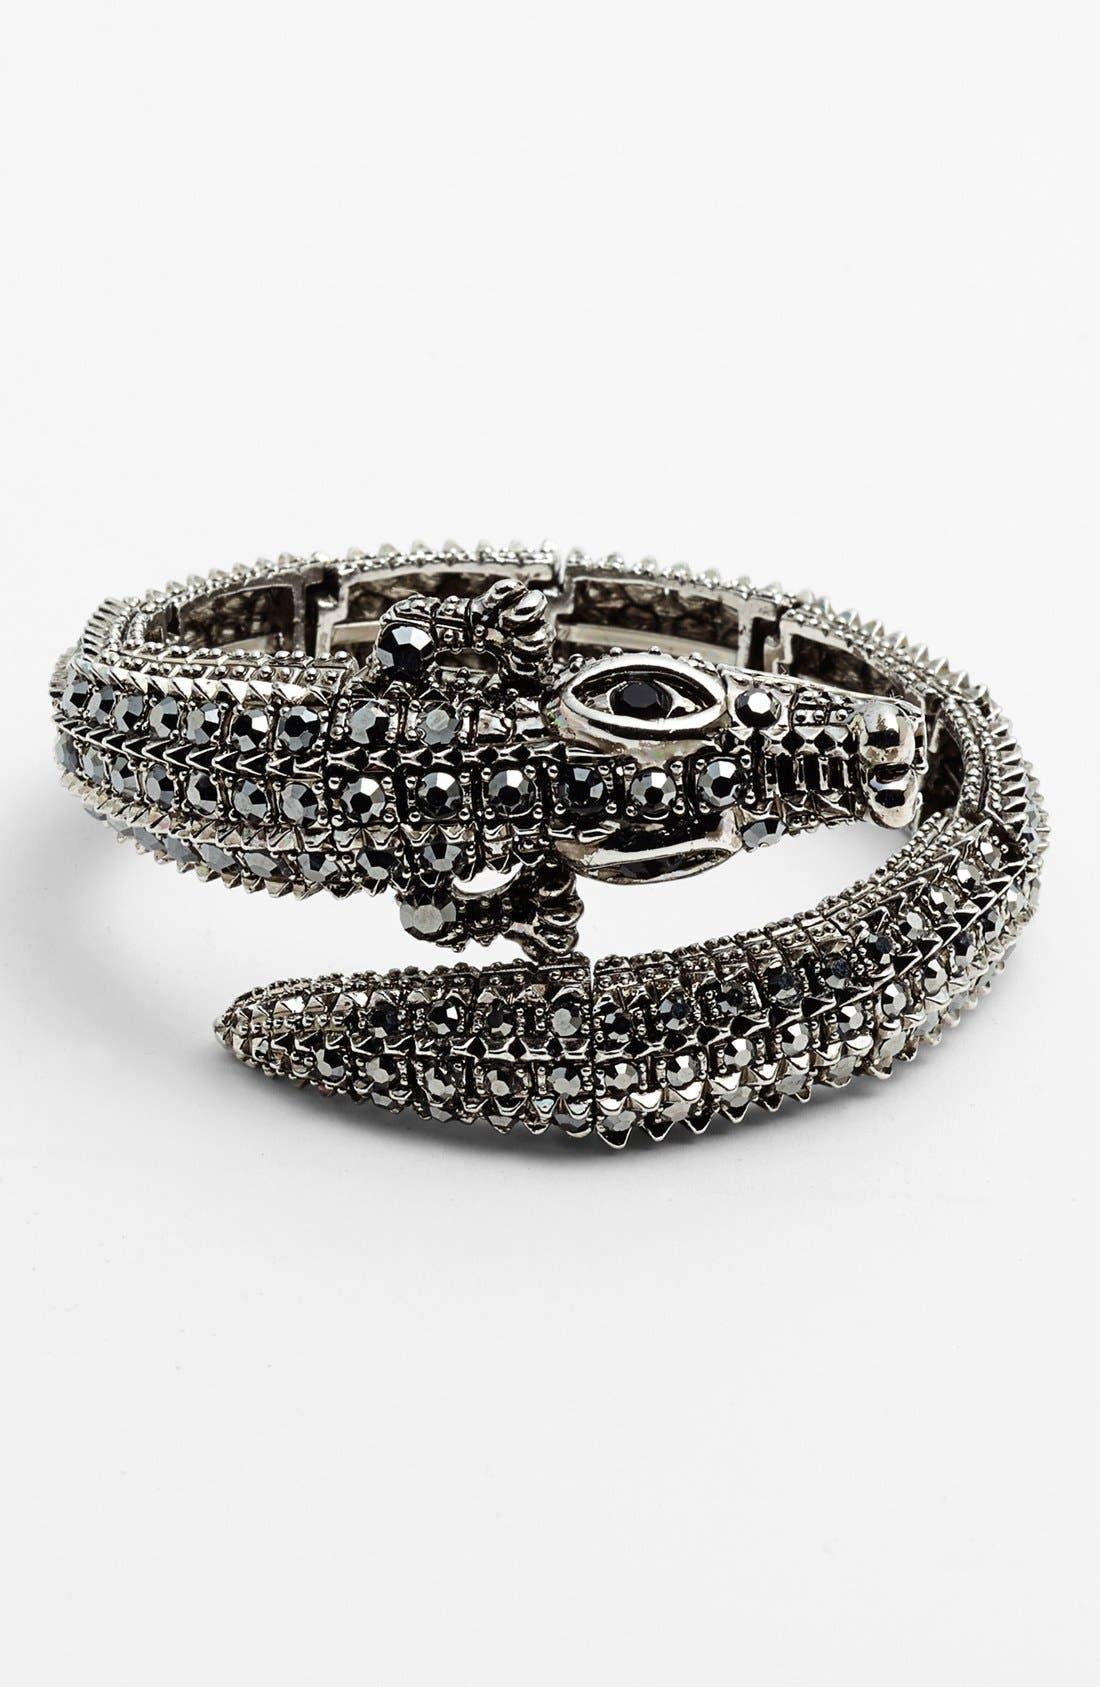 Main Image - Tasha 'Critter' Coil Bracelet